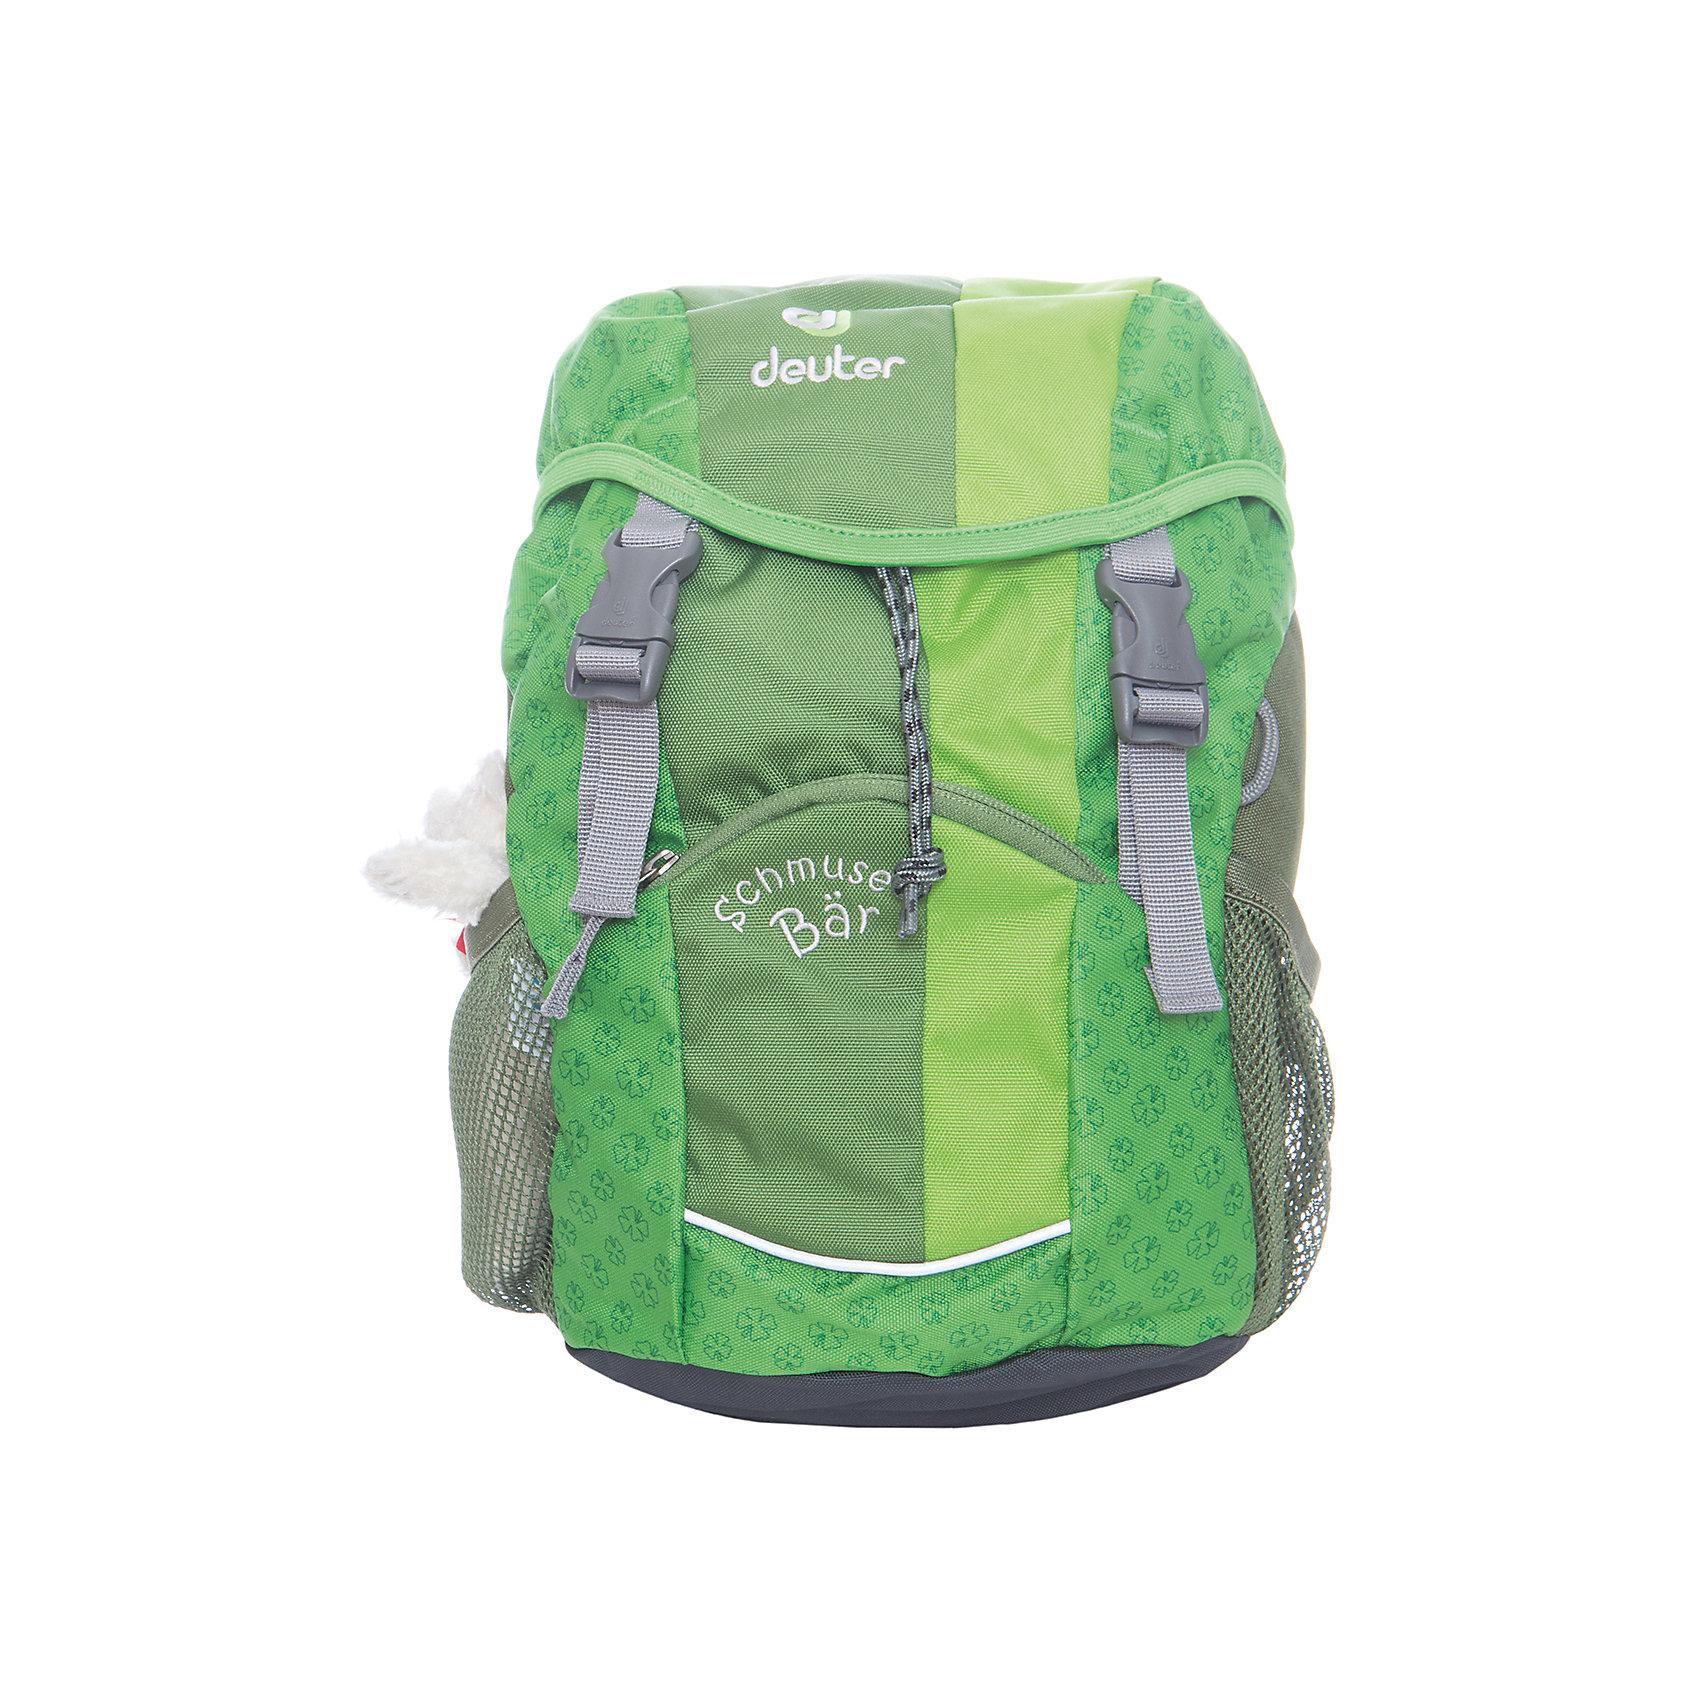 Deuter Рюкзак детский Мишка зеленыйДорожные сумки и чемоданы<br>Рюкзак Мишка, Deuter (Дойтер) - этот удобный функциональный рюкзак для маленьких путешественников будет незаменим в поездках, походах и путешествиях. Рюкзак выполнен из прочных износоустойчивых материалов. Привлекательный дизайн с зеленой расцветкой, мелким растительным рисунком и различными нашивками обязательно понравится Вашему ребенку. Кроме того, к рюкзаку прилагается приятный сюрприз - симпатичный плюшевый мишка. У рюкзака мягкая спинка с вентиляцией, S-образные плечевые лямки с мягкими краями регулируются по длине, нагрудный ремень позволяет прочно зафиксировать рюкзак на теле. Также есть удобная текстильная ручка для транспортировки. Рюкзак закрывается на удобную застежку, внутри просторное отделение, карман с прозрачным окошком и именная бирка. Также имеются два сетчатых кармана по бокам и карман с застежкой-молнией на лицевой стороне. Есть петли для подвешивания фонарика или необходимых в походе инструментов. Светоотражающие элементы на лямках и лицевом кармане повышают безопасность ребенка в непогоду и темное время суток. <br><br>Дополнительная информация:<br><br>- Материал: Super-Polytex (полиэстер).  <br>- Размер: 34 х 20 х 16 см.<br>- Объем: 8 л.<br>- Вес: 0,31 кг.<br><br>Зеленый рюкзак Мишка, Deuter (Дойтер), можно купить в нашем интернет-магазине.<br><br>Ширина мм: 160<br>Глубина мм: 200<br>Высота мм: 340<br>Вес г: 310<br>Возраст от месяцев: 36<br>Возраст до месяцев: 120<br>Пол: Унисекс<br>Возраст: Детский<br>SKU: 4089699